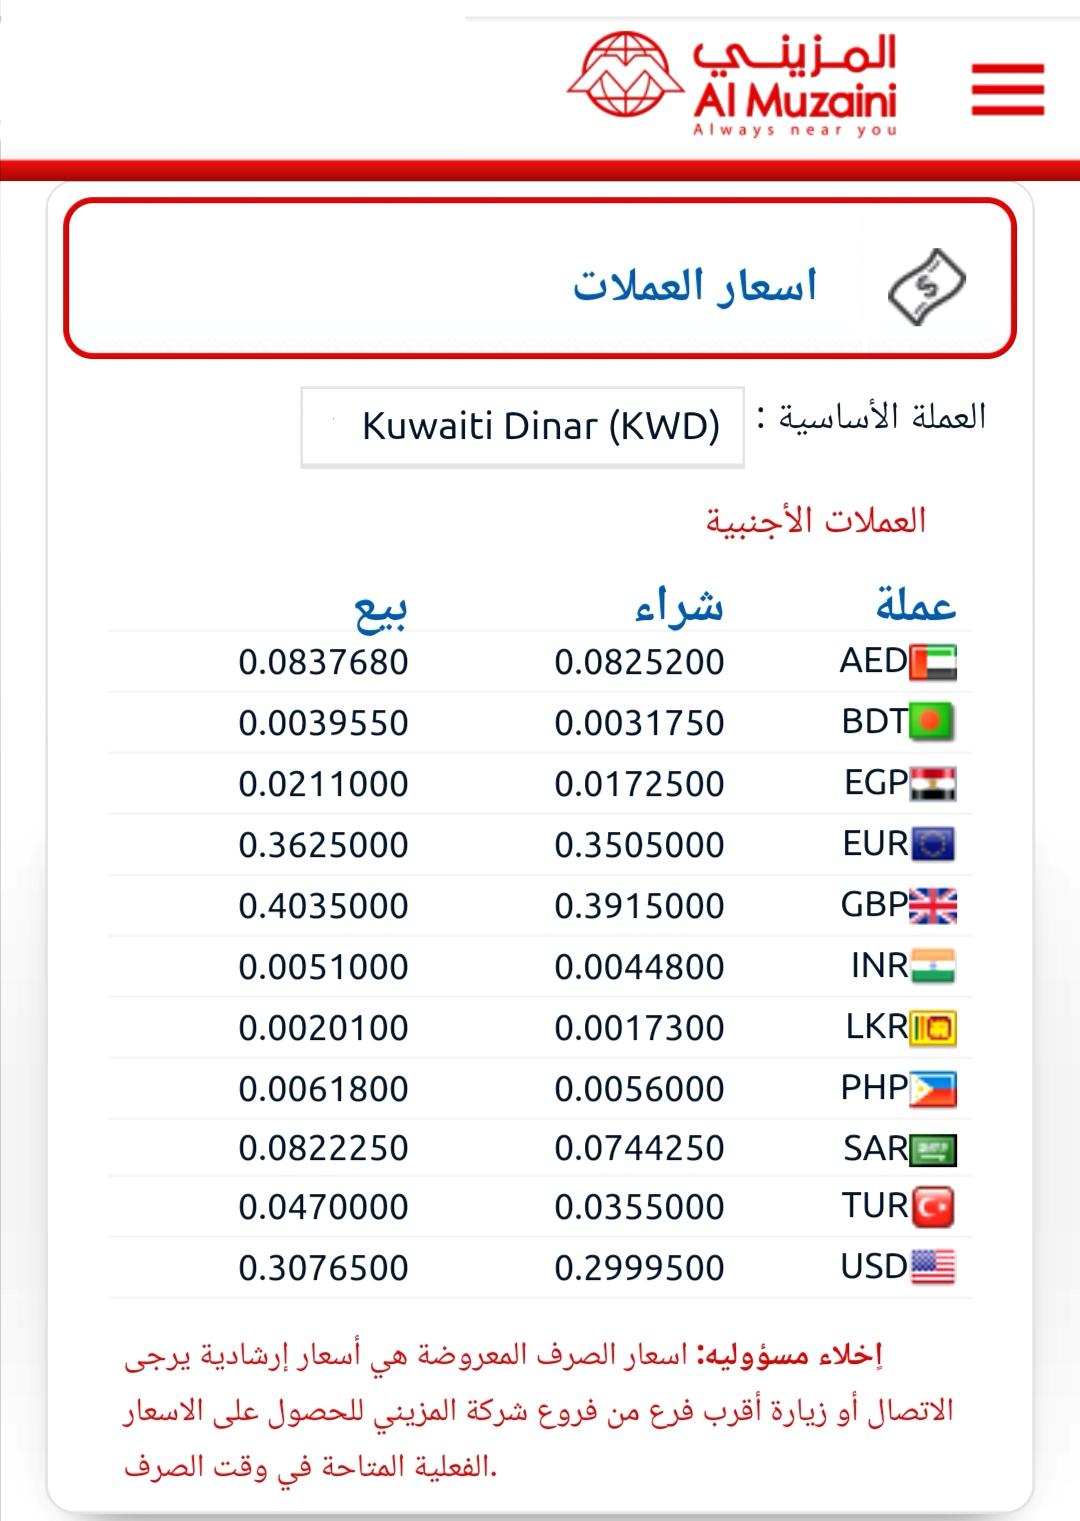 المزيني للصيرفة الكويت ١٠٠٠ جنيه مصري كم كويتي  الاربعاء ١٢ أغسطس ٢٠٢٠